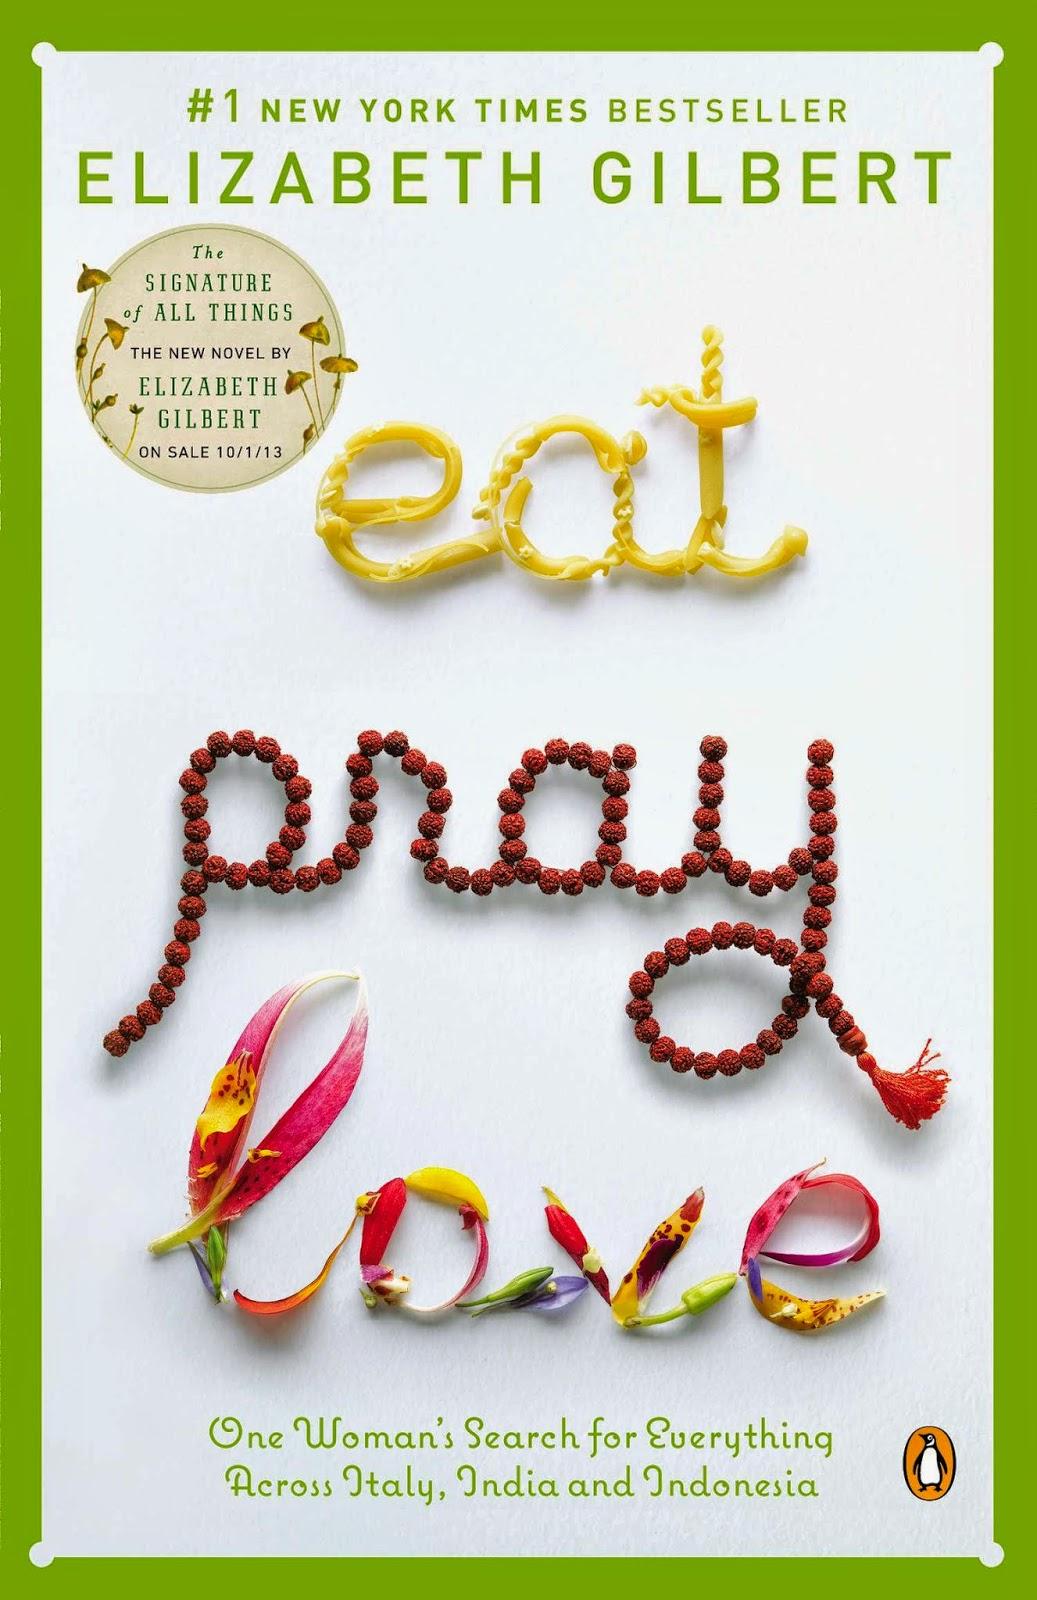 http://www.elizabethgilbert.com/books/eat-pray-love/